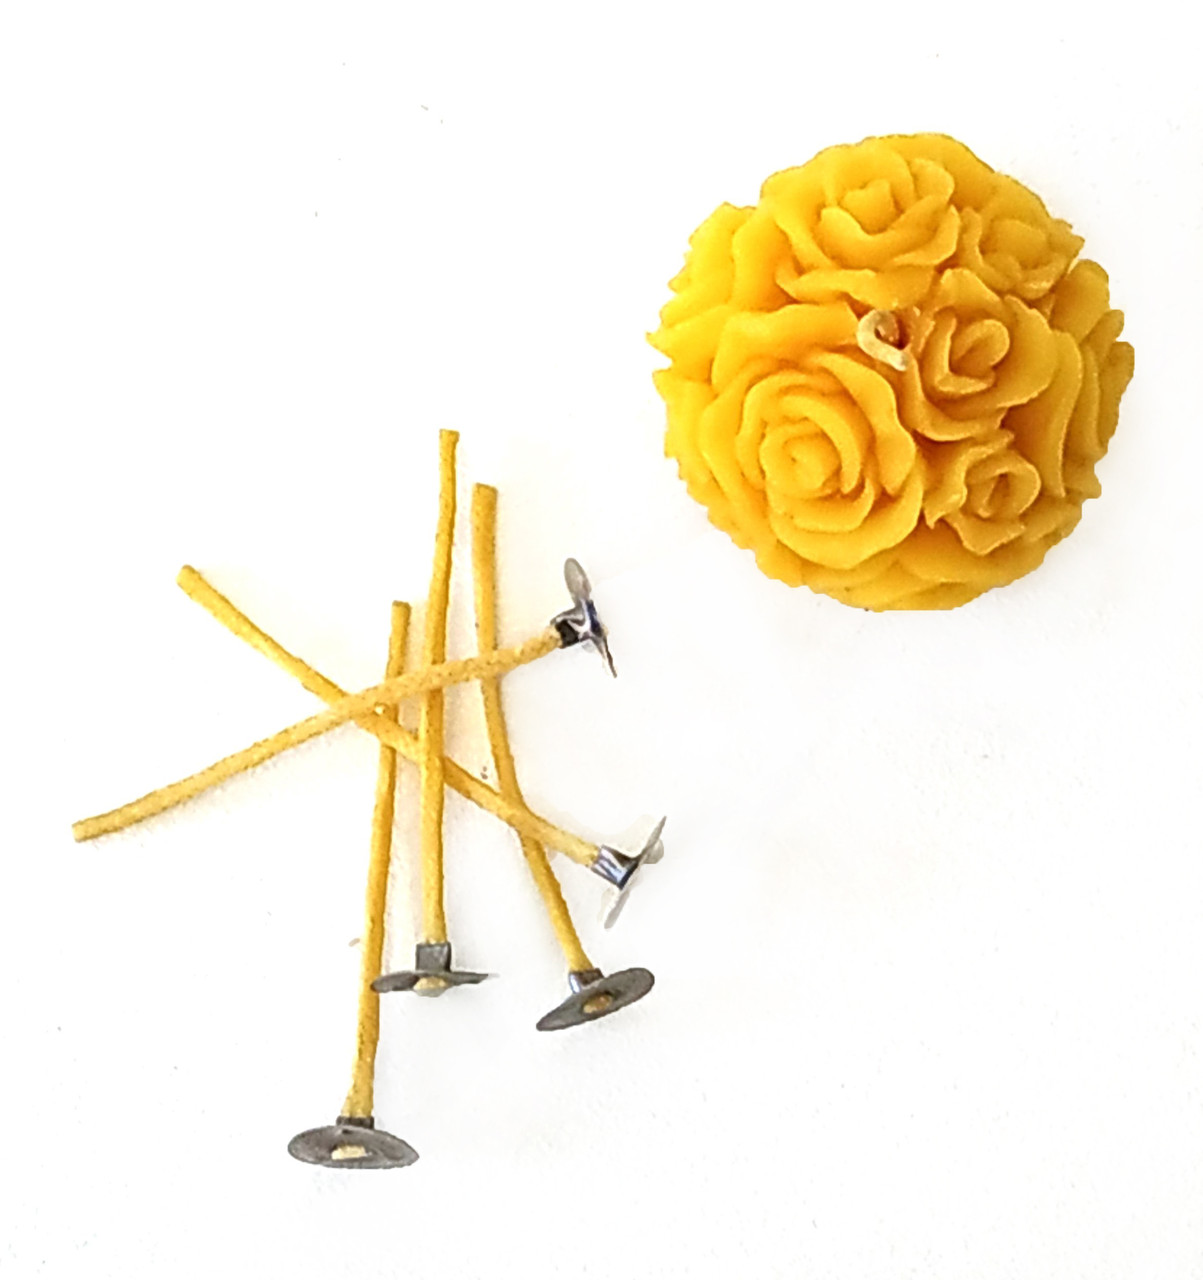 Фитиль для свечей вощеный 2 мм с металлическим держателем. Высота 5 см